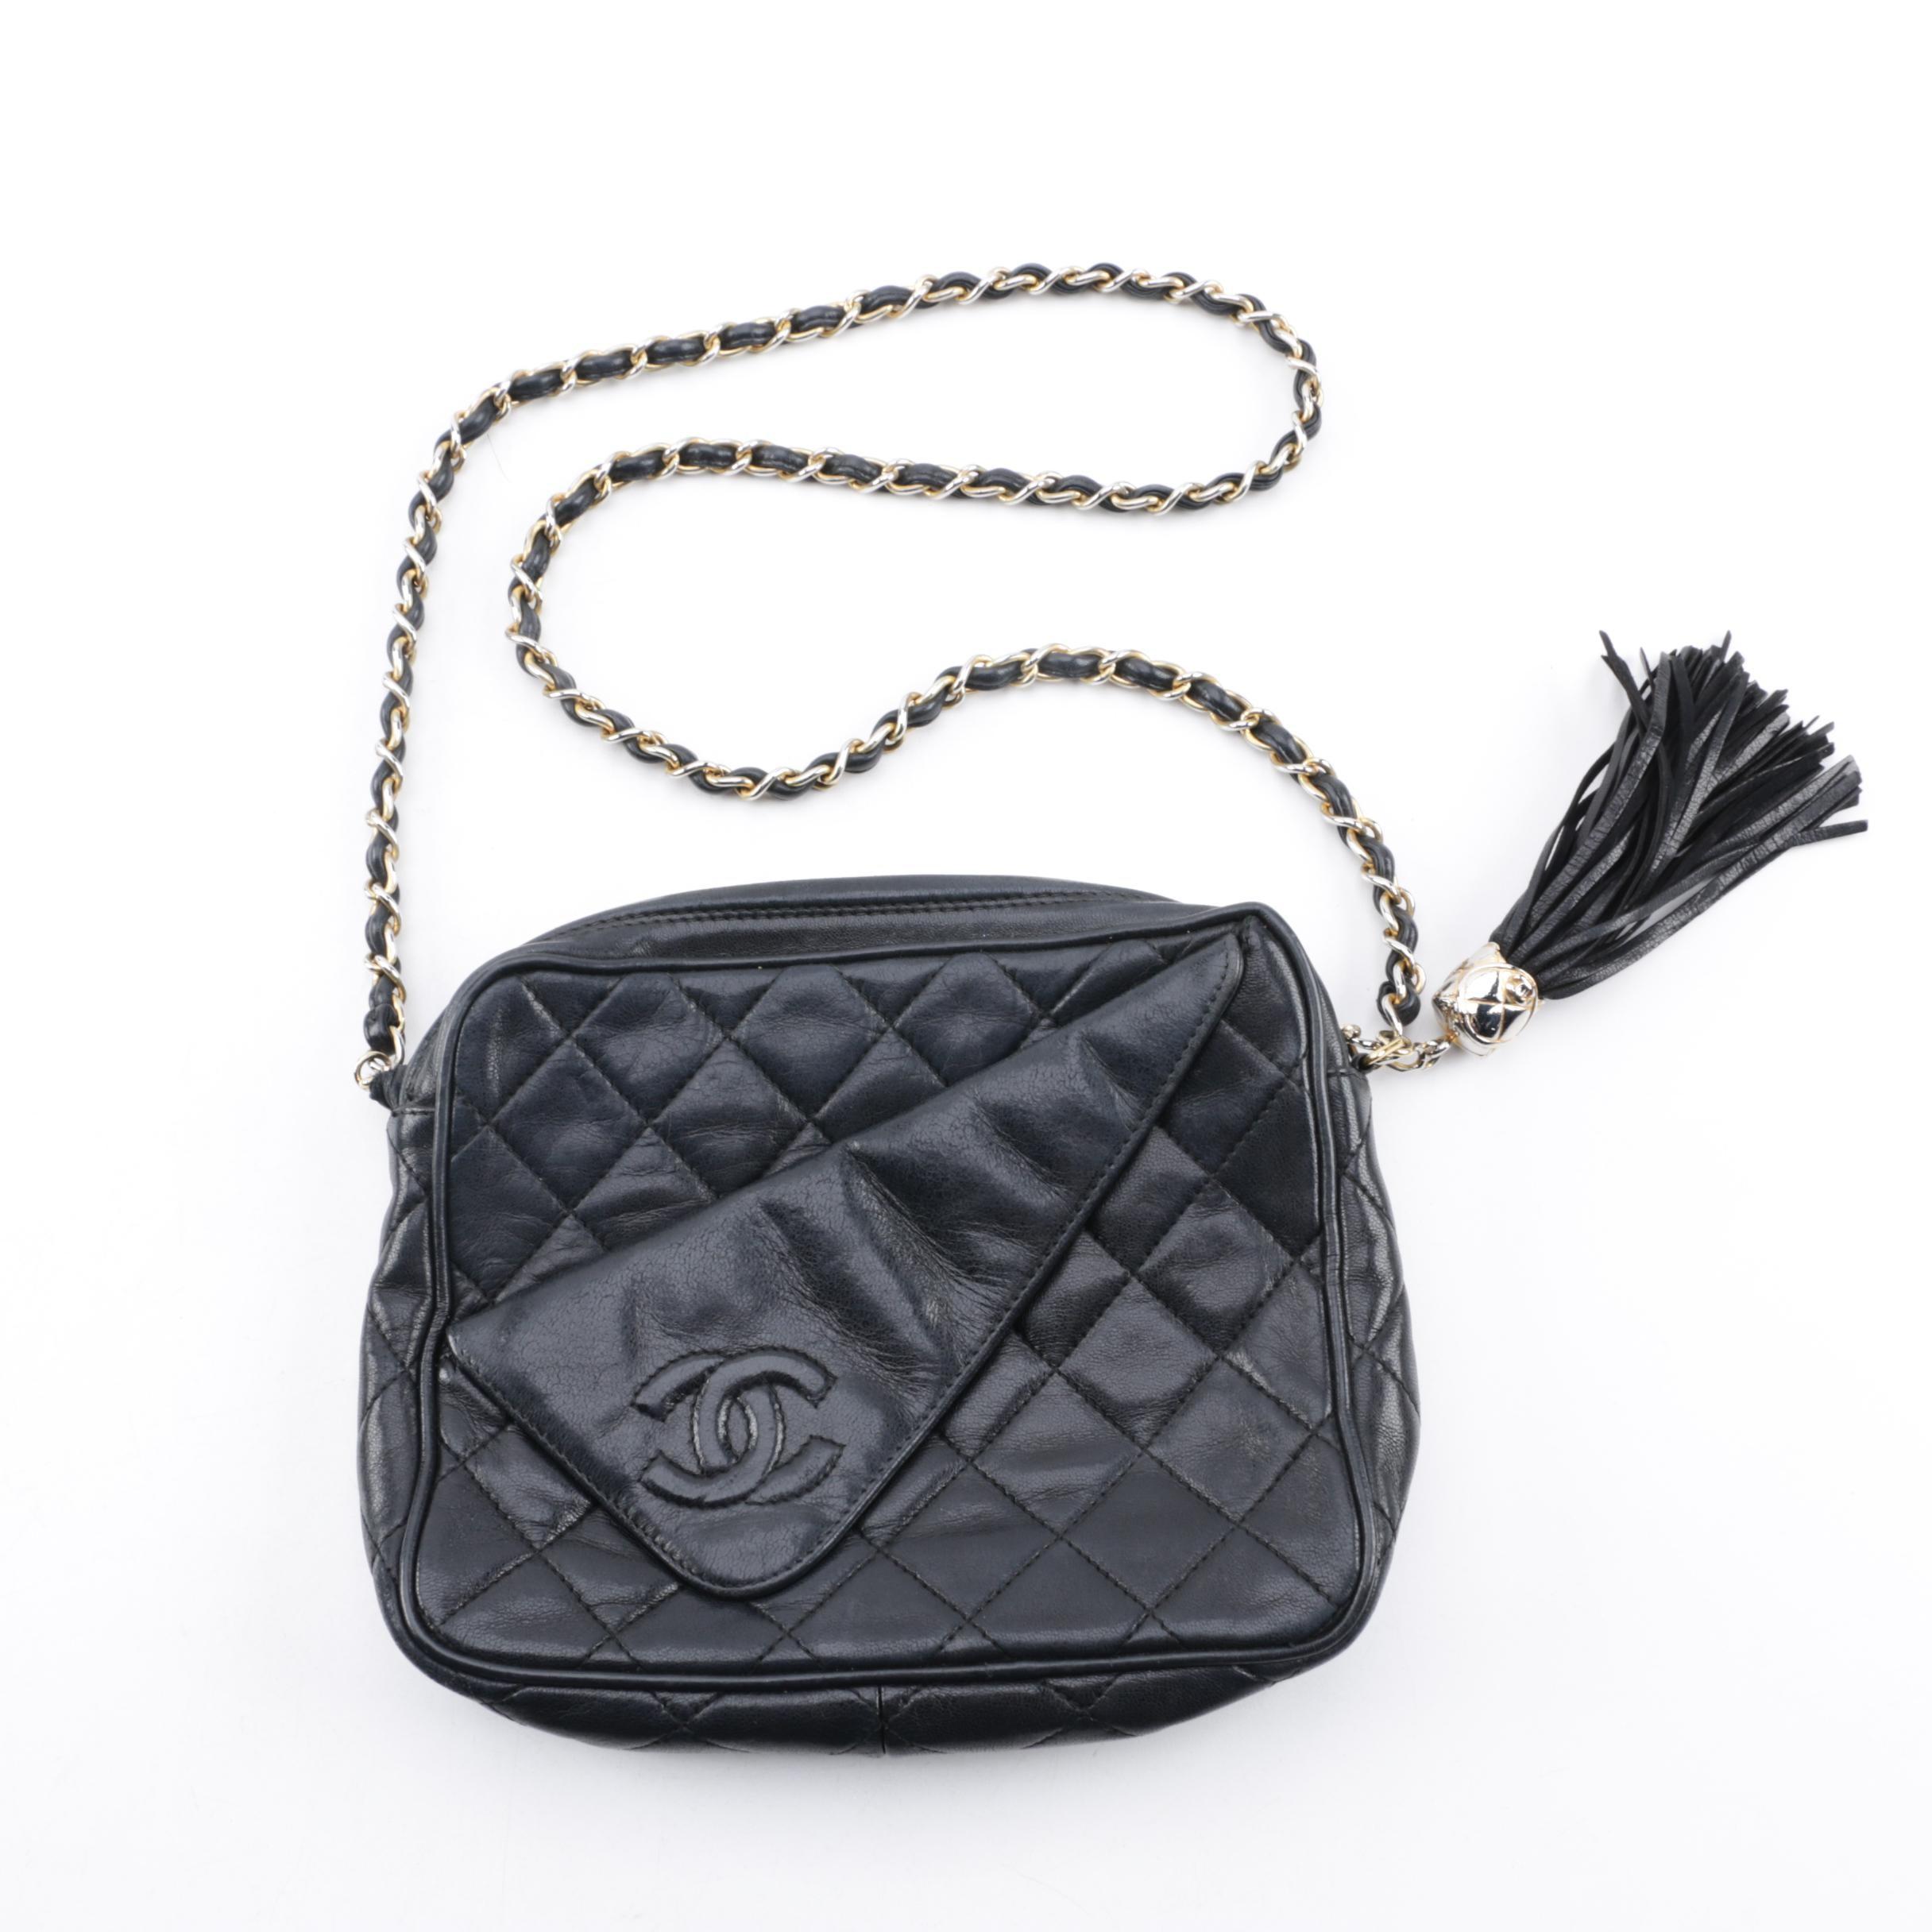 Chanel Quilted Black Leather Folded Front Shoulder Bag